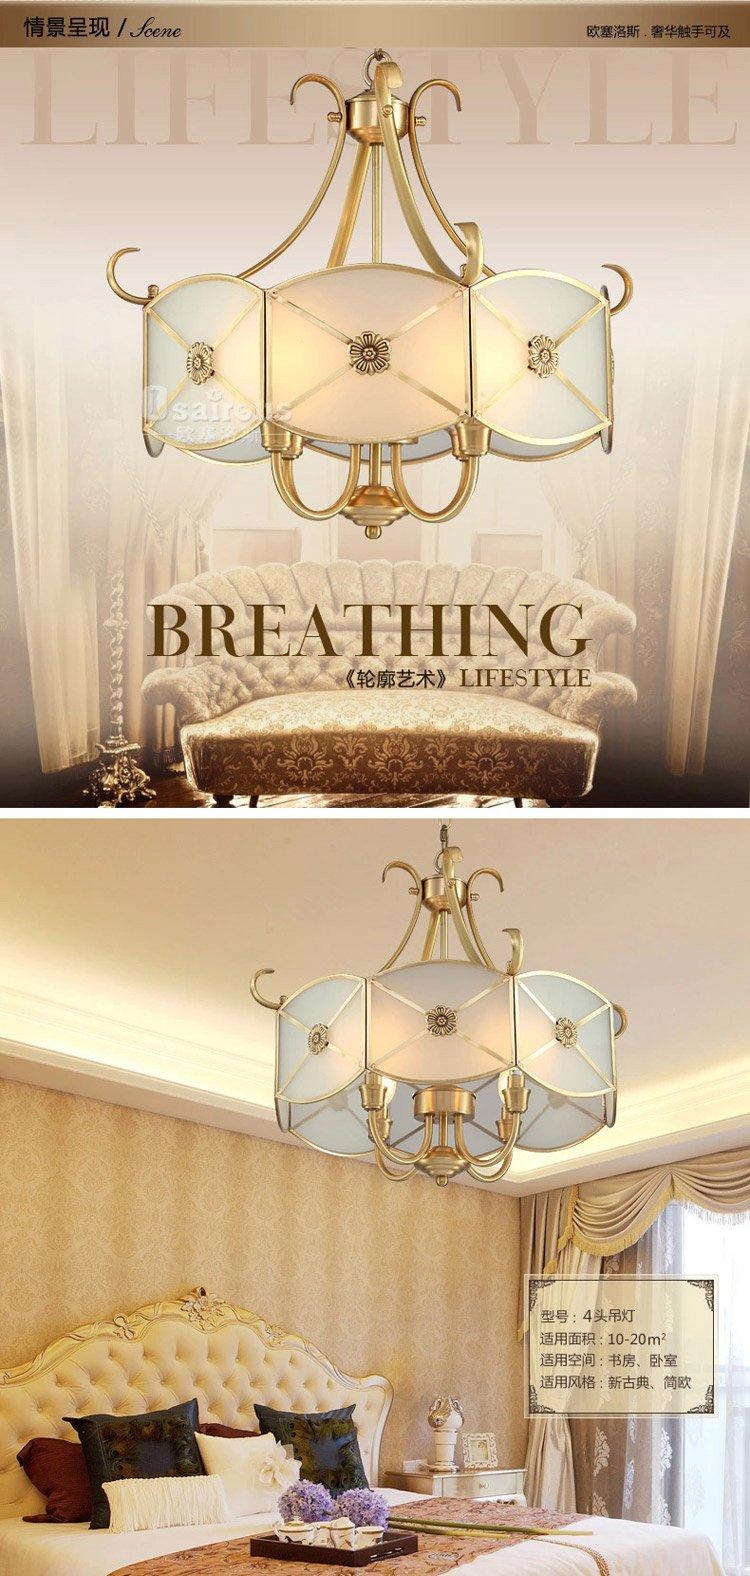 美式欧式 4头 全铜餐厅吊灯 简约欧式餐厅书房卧室全铜吊灯